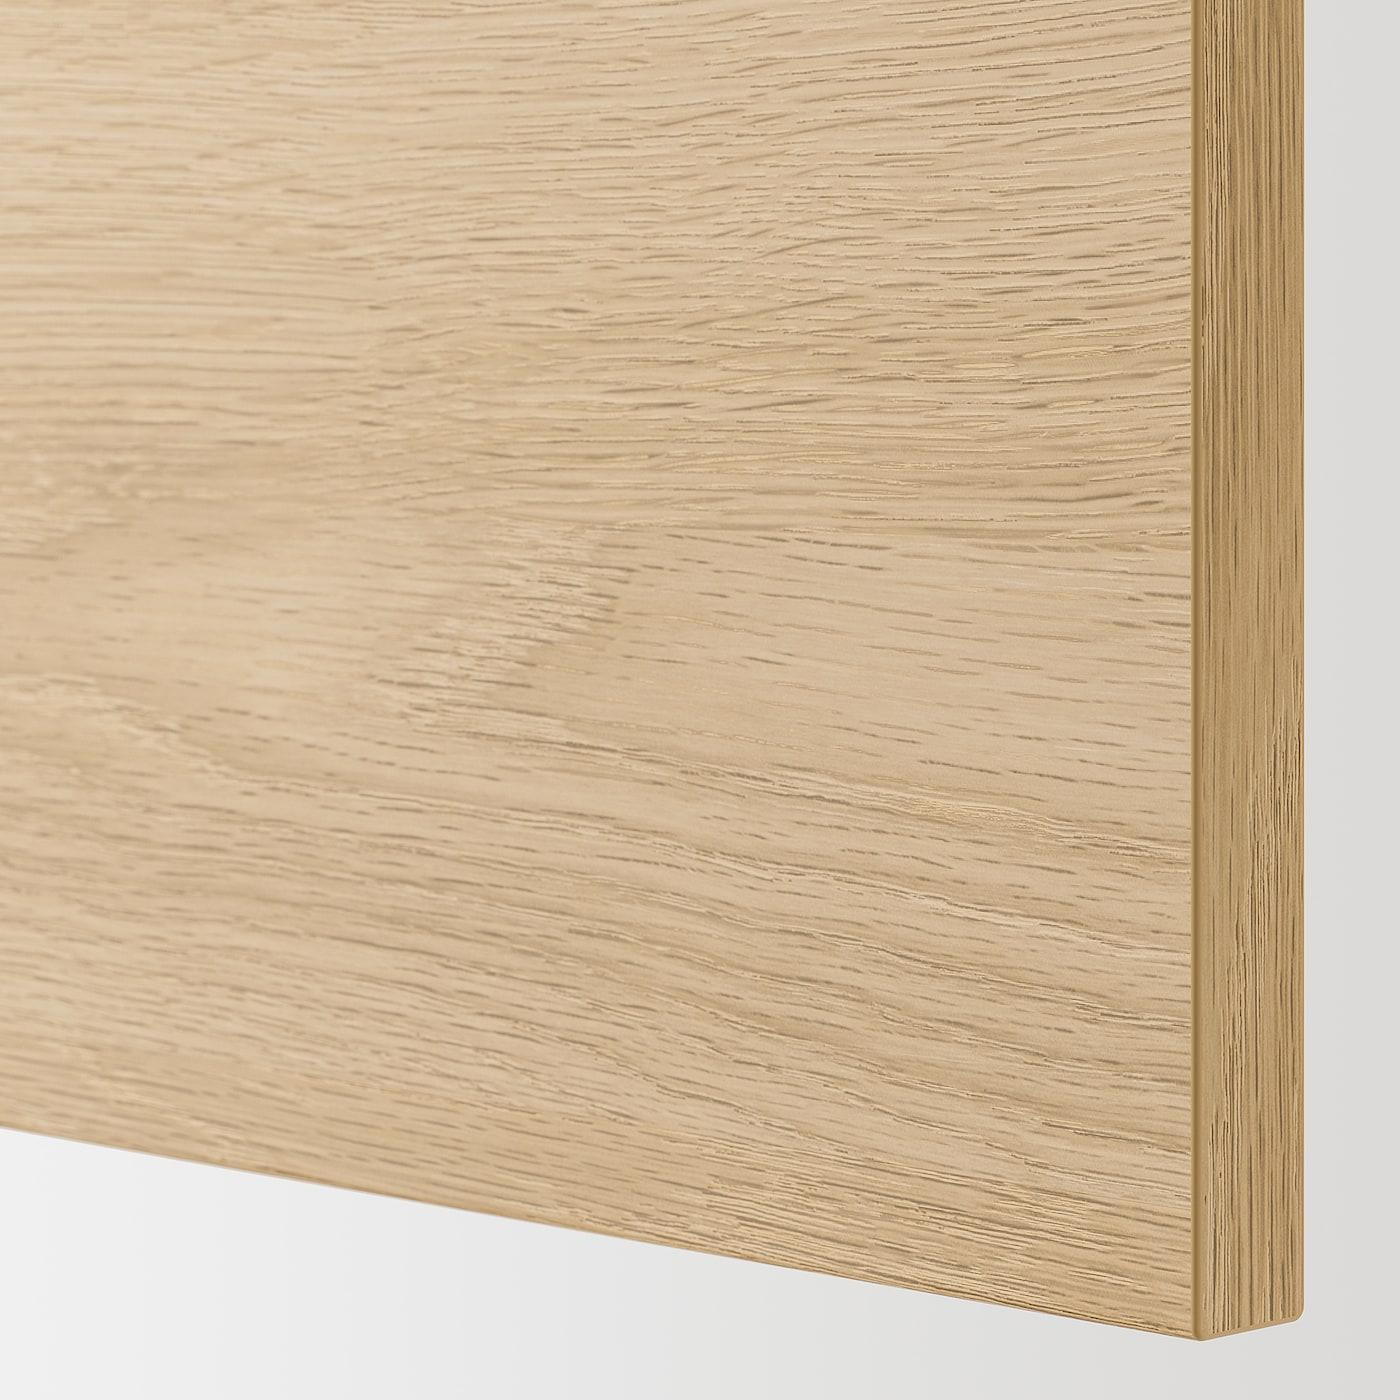 ENHET Wall cb w 1 shlf/door, white/oak effect, 60x32x60 cm